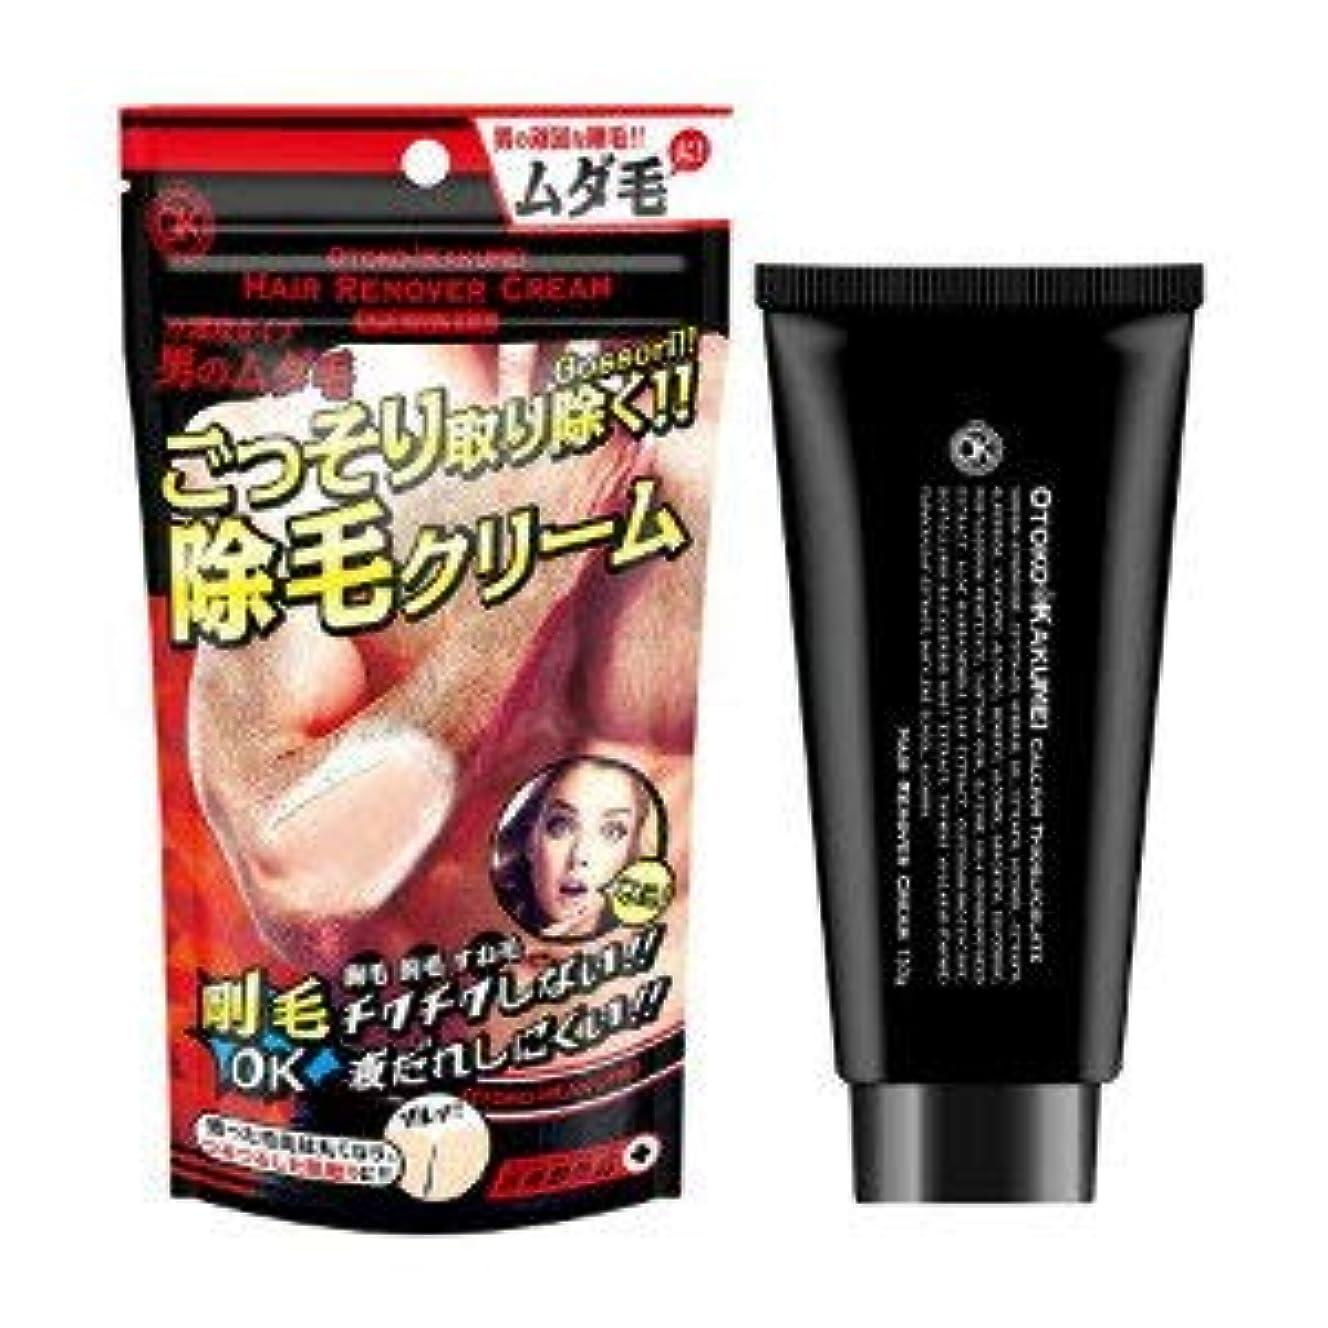 ペッカディロライトニング冷淡なGR OTOKO KAKUMEI ヘアリムーバークリーム 130g×5個セット (医薬部外品)